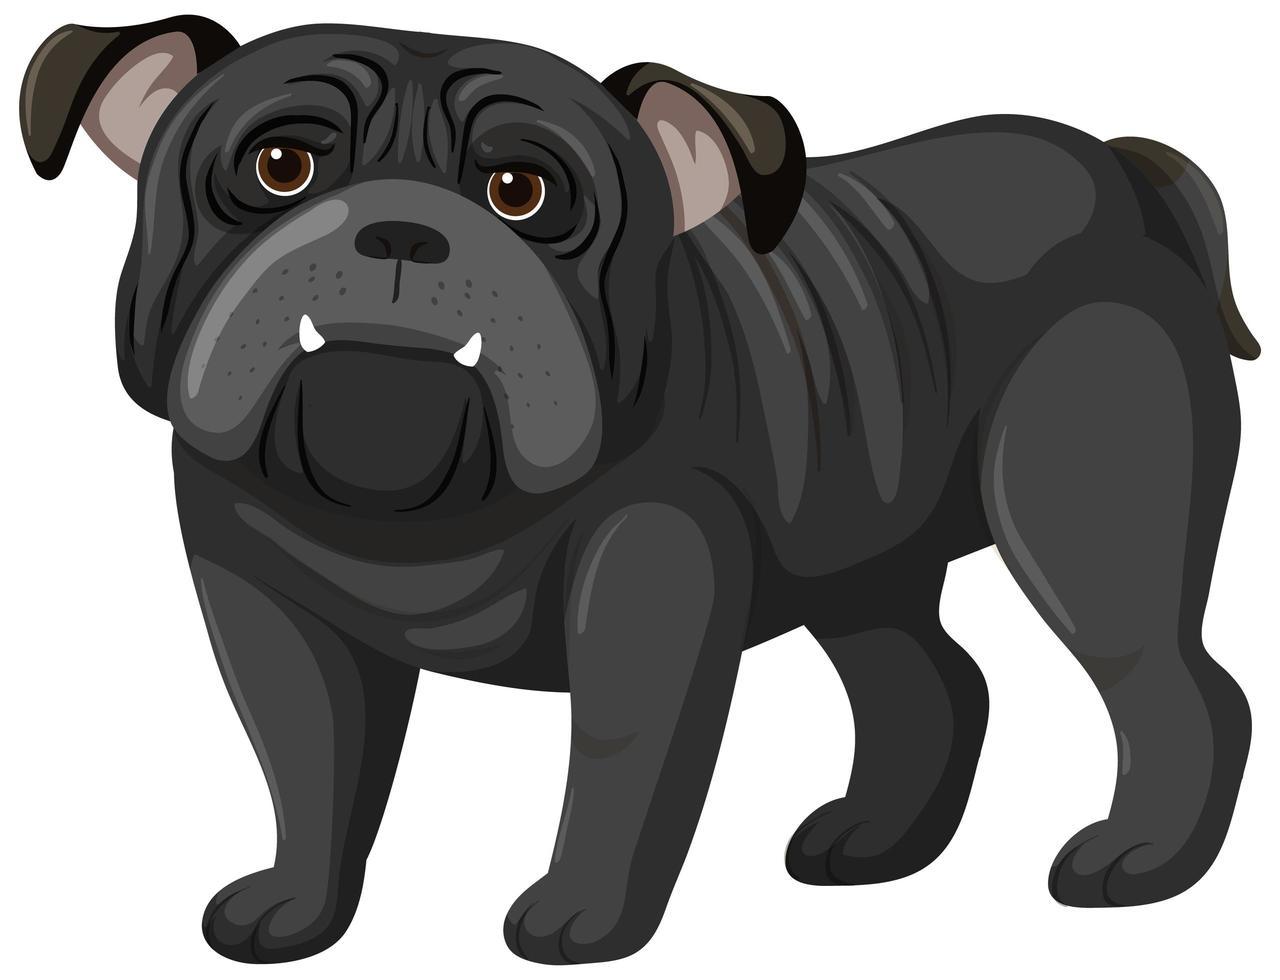 stile cartone animato boxer nero su sfondo bianco vettore